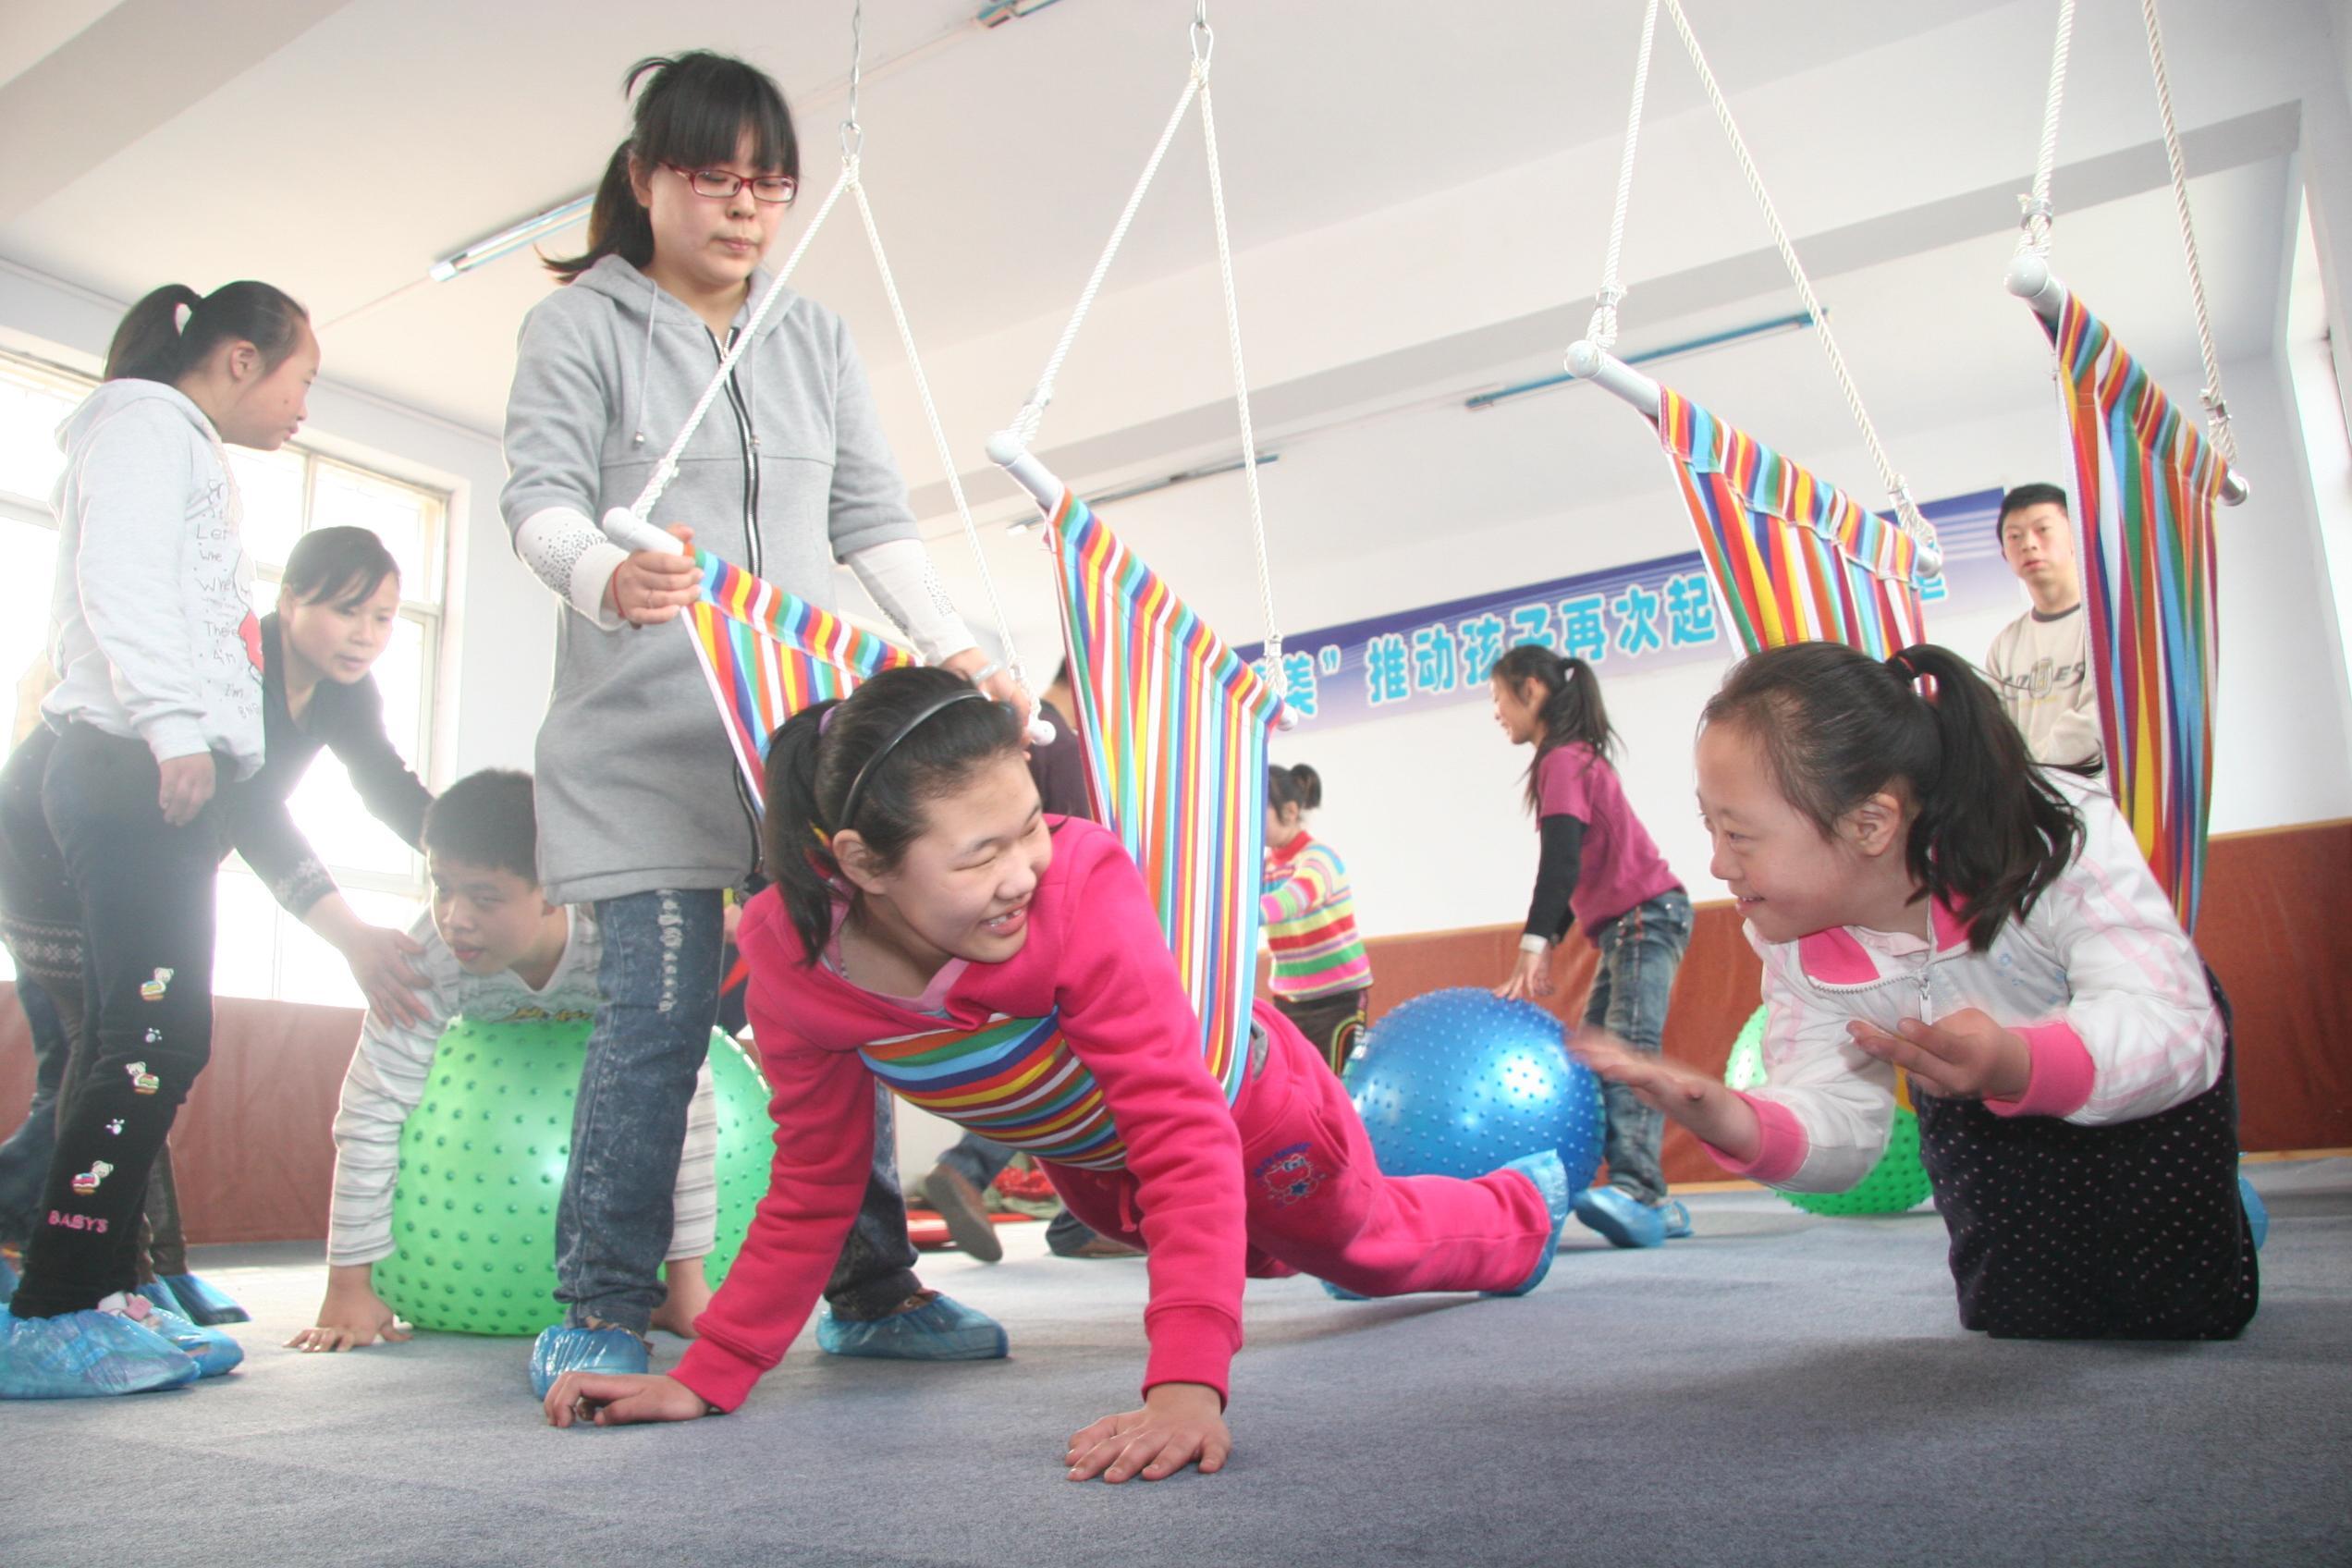 图片新闻:解放区让智障儿童成为有用之人